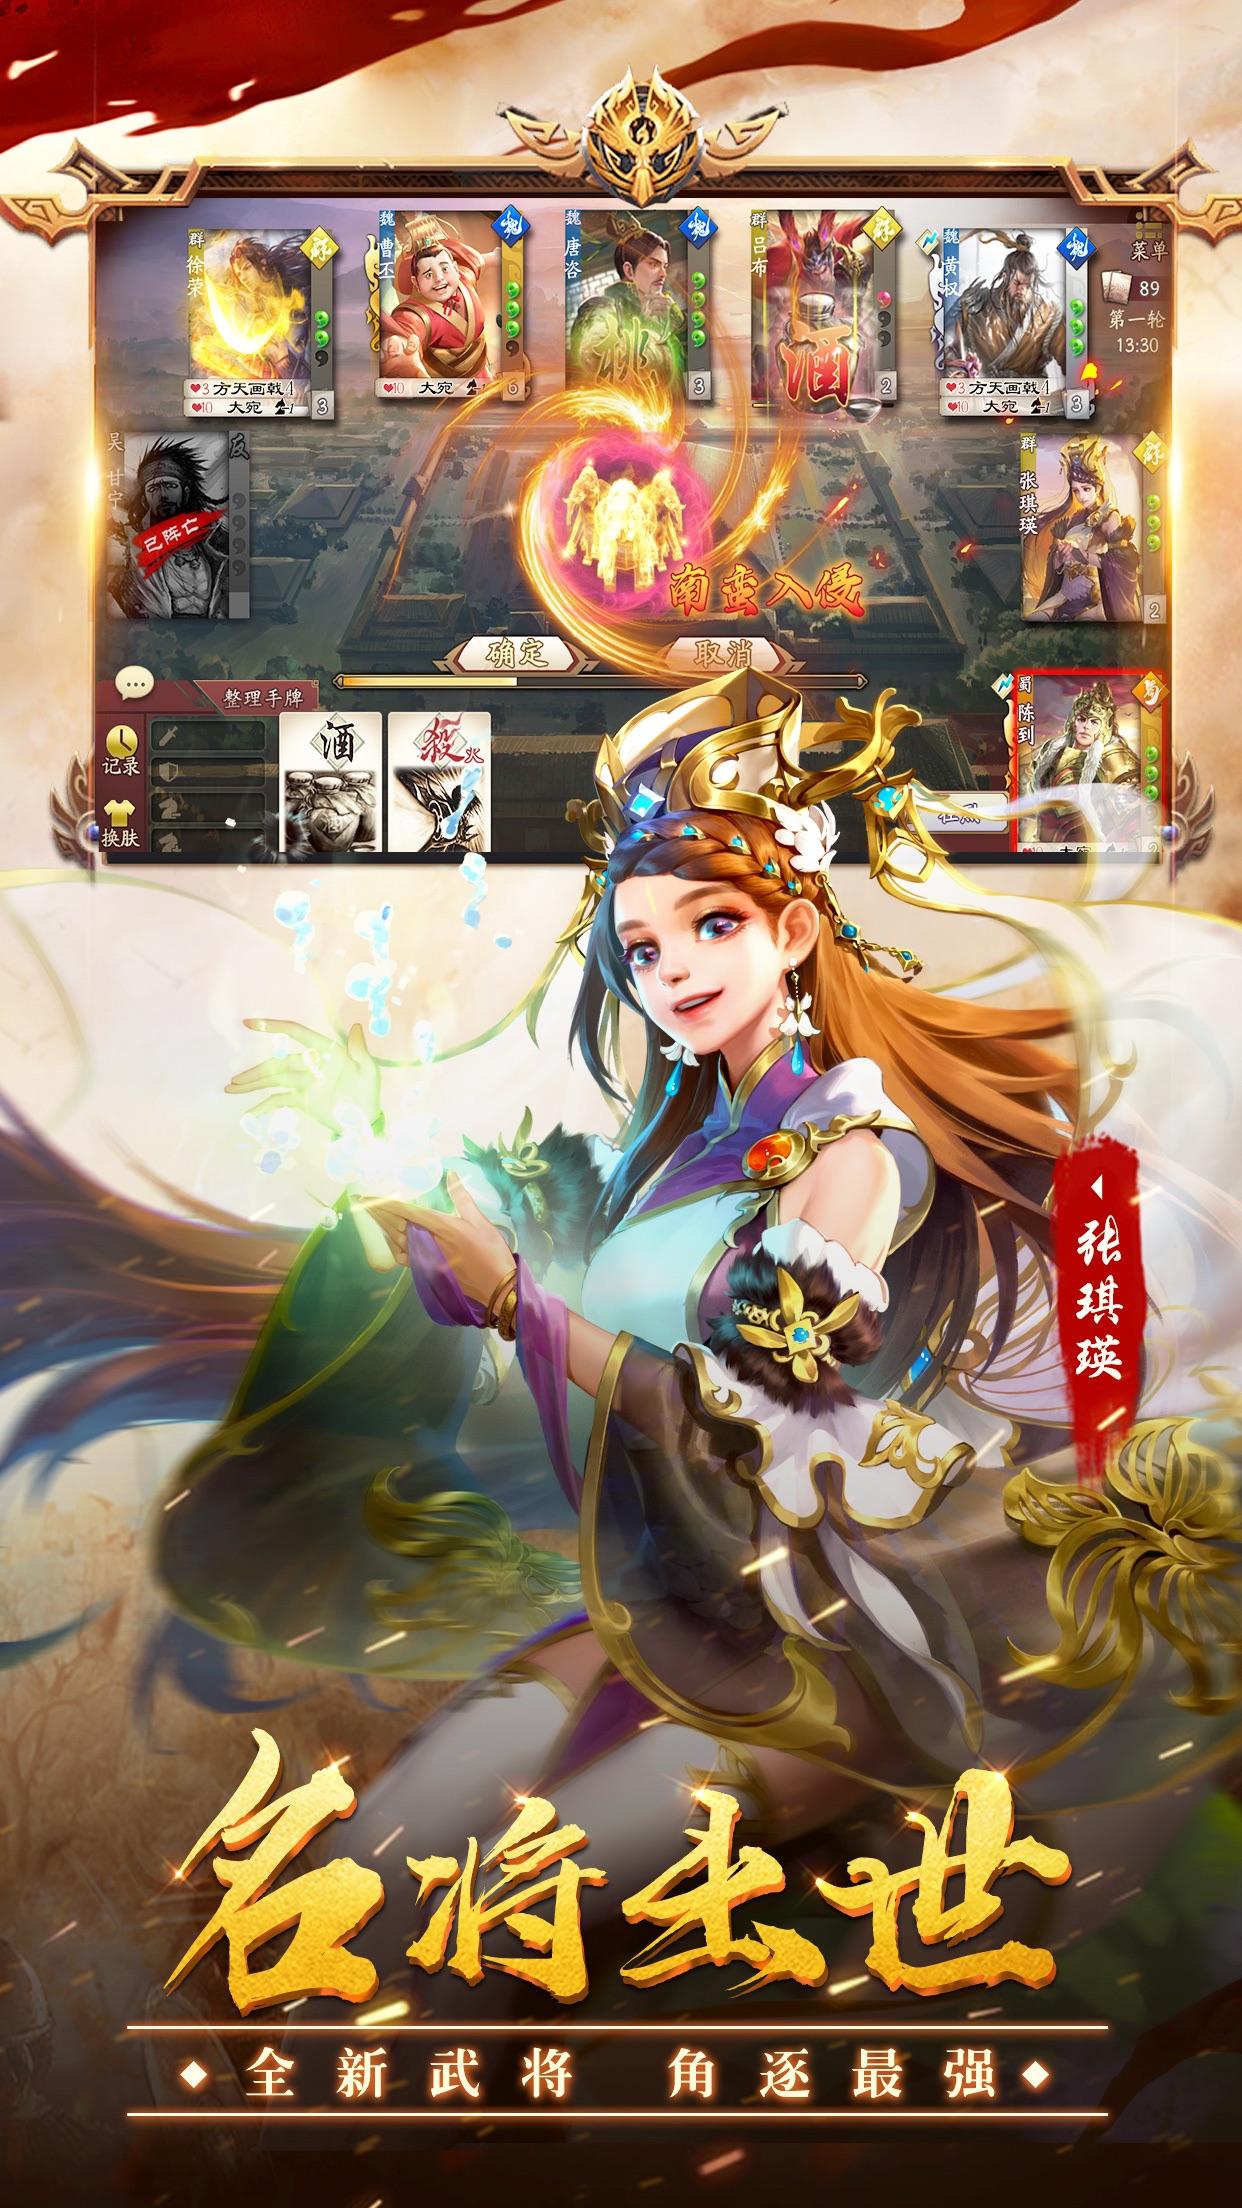 三国杀—策略三国游戏开启热血三国 Screenshot